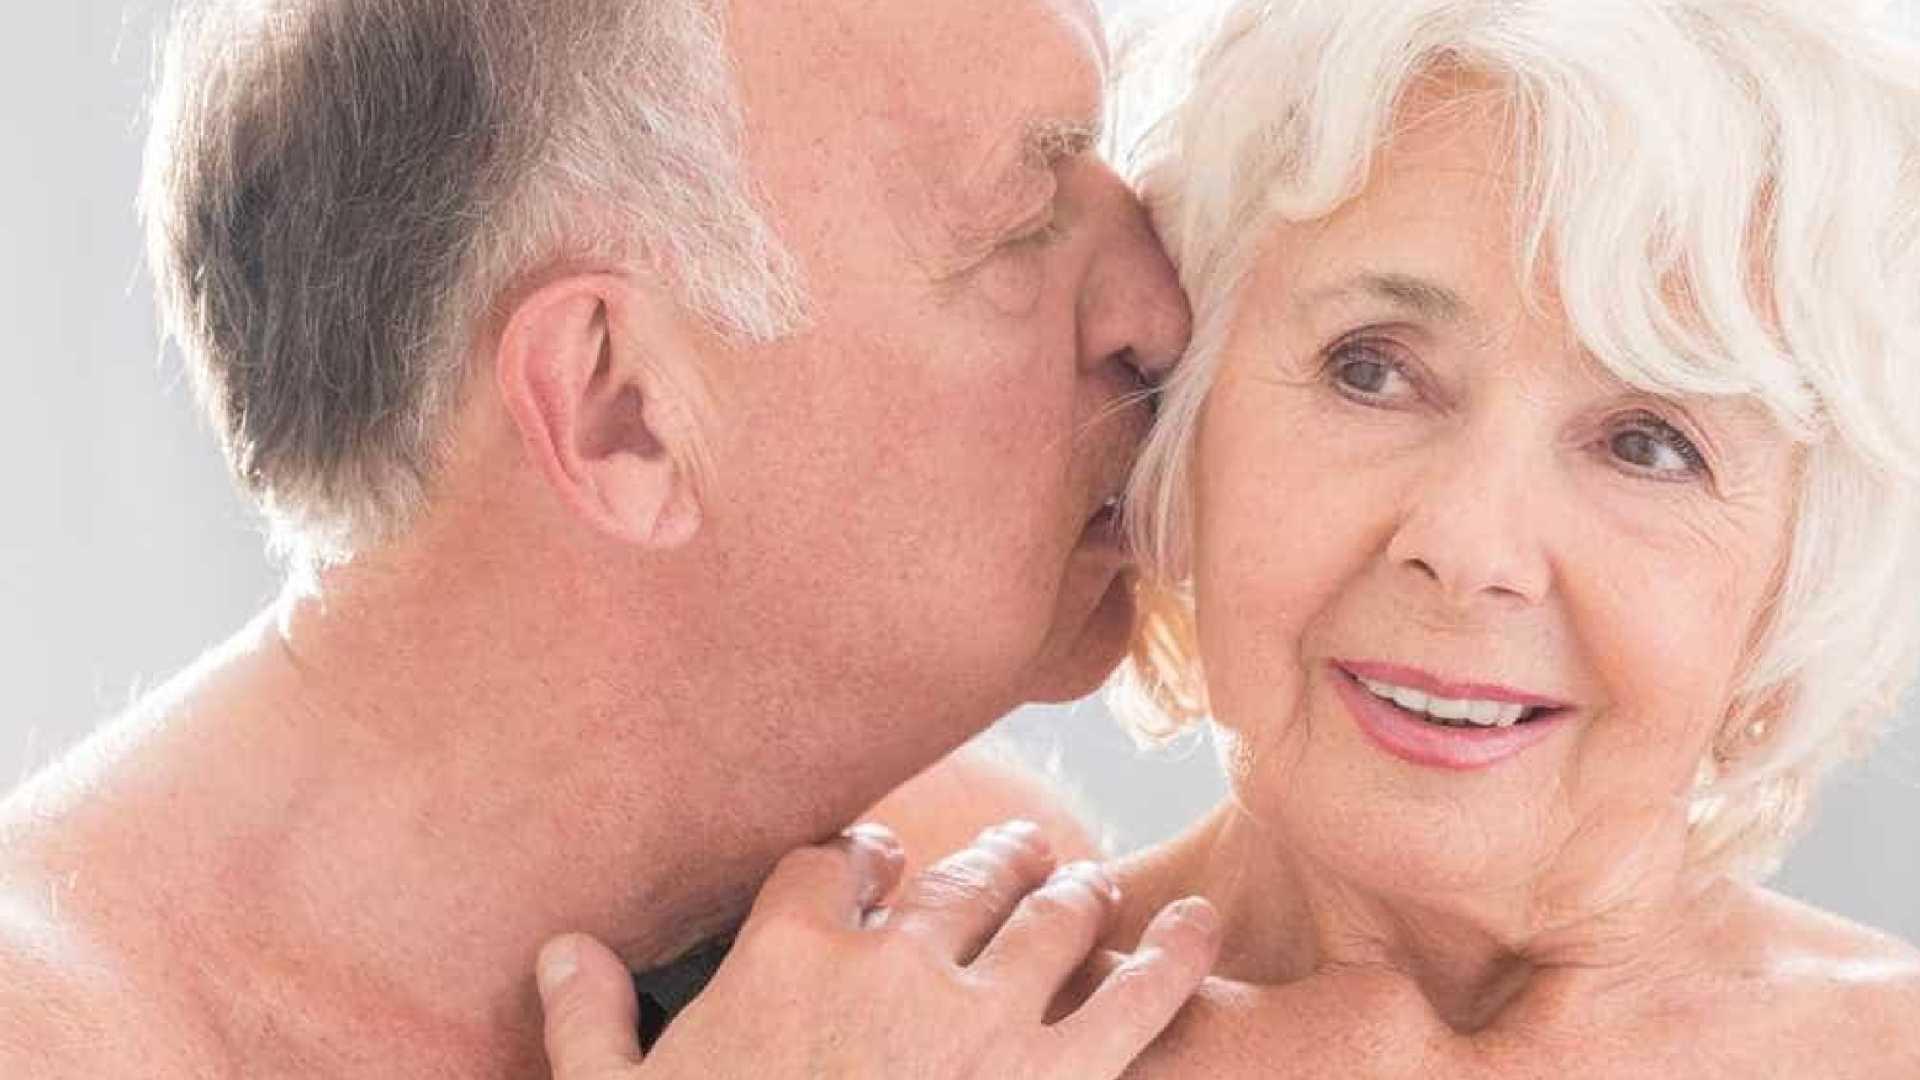 - sexo e idade - Estudo revela frequência das relações sexuais varia com a idade